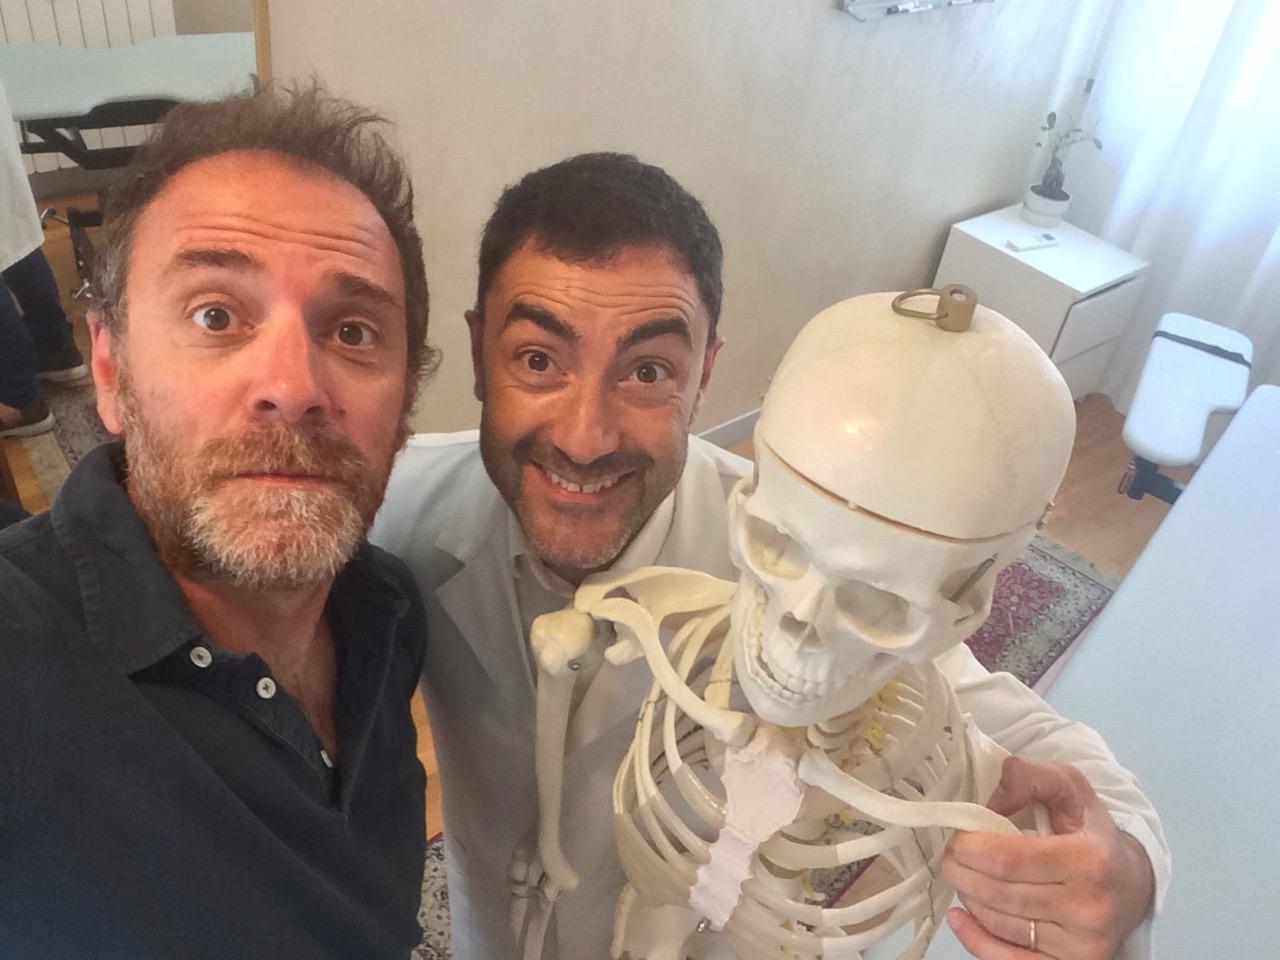 valerio Mastandrea Emiliano grossi